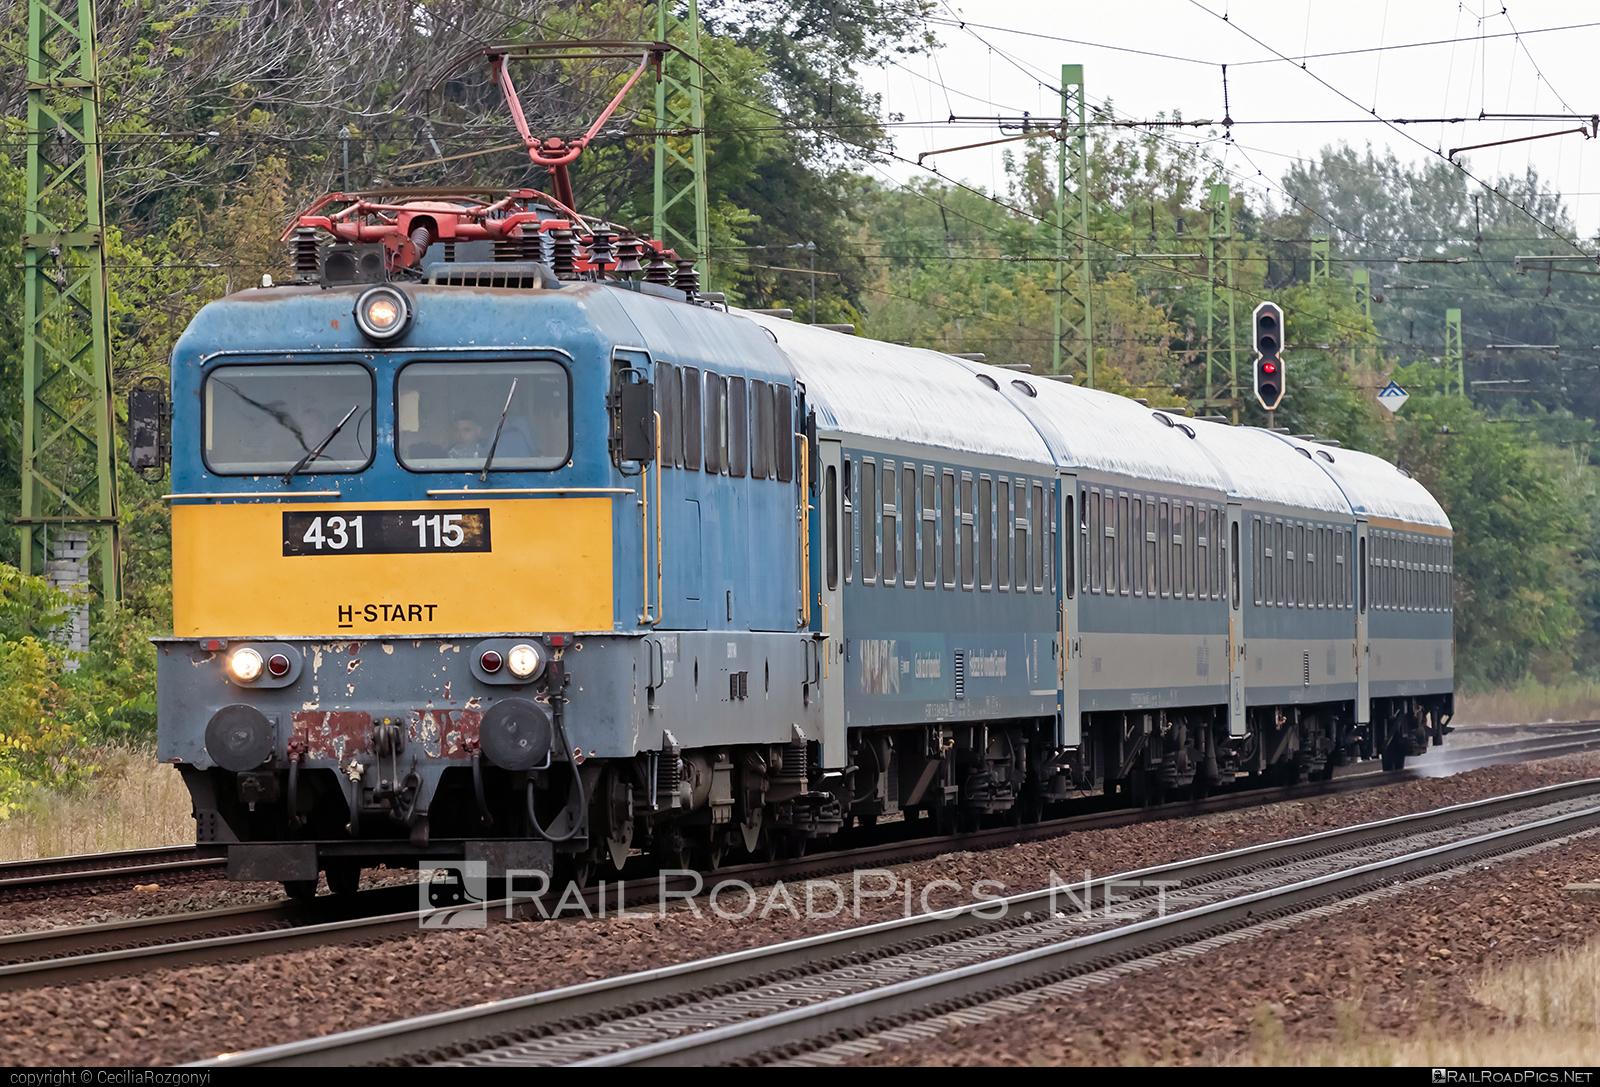 Ganz-MÁVAG VM14-11 - 431 115 operated by MÁV-START ZRt. #ganz43 #ganz431 #ganzmavag #ganzmavag43 #ganzmavag431 #ganzmavagvm1411 #mav #mavstart #mavstartzrt #v43locomotive